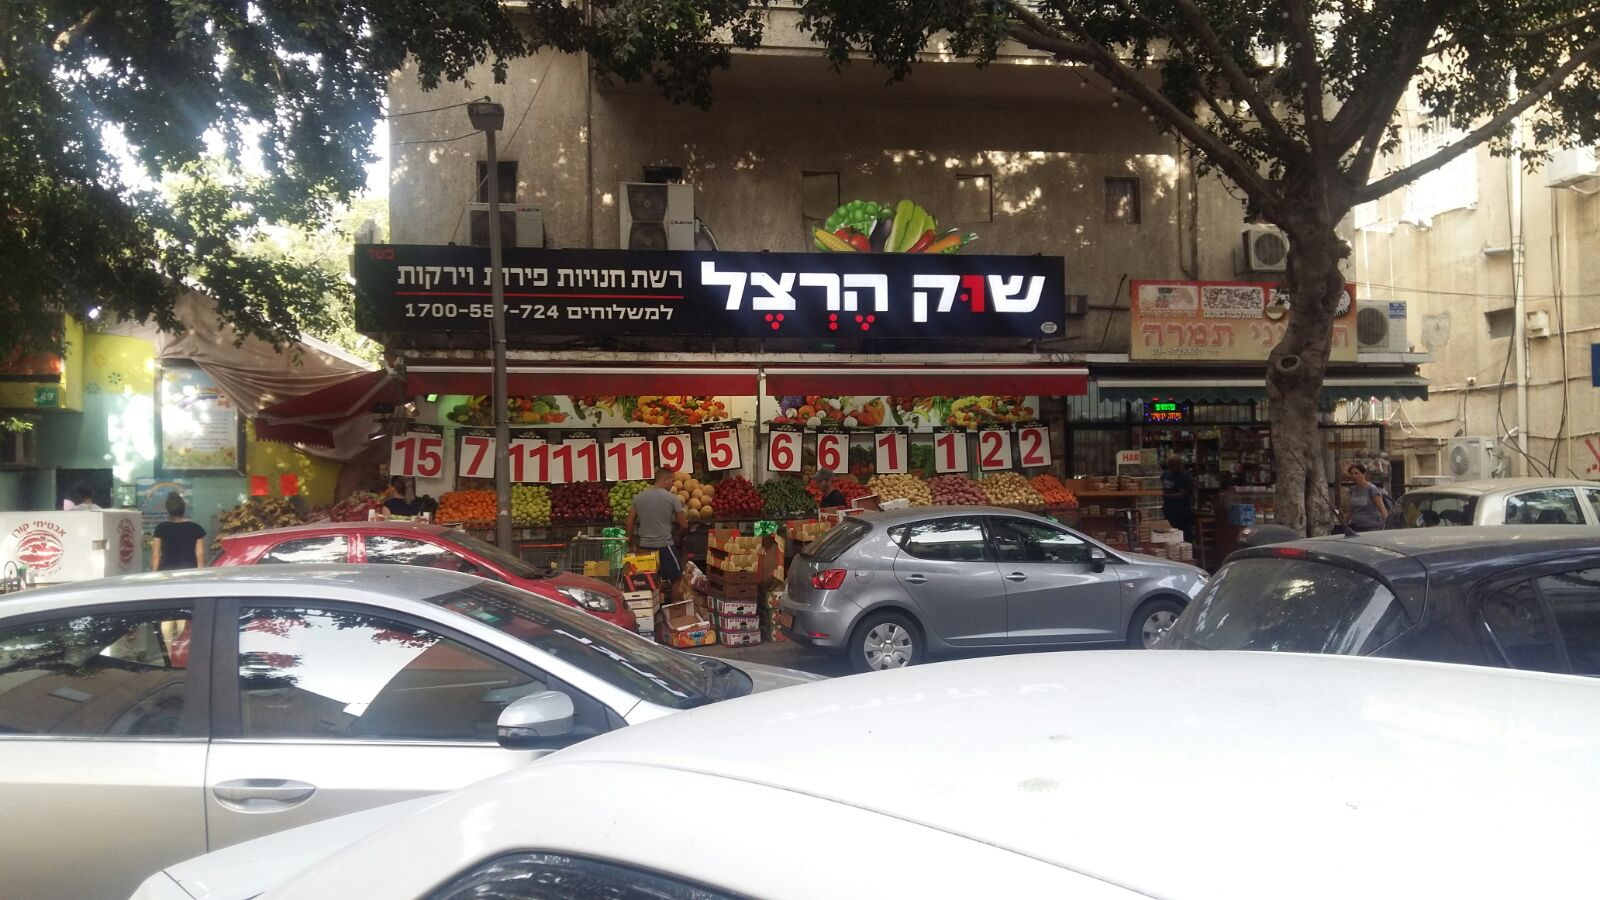 שוק הרצל -  רחוב הרצל רמת גן